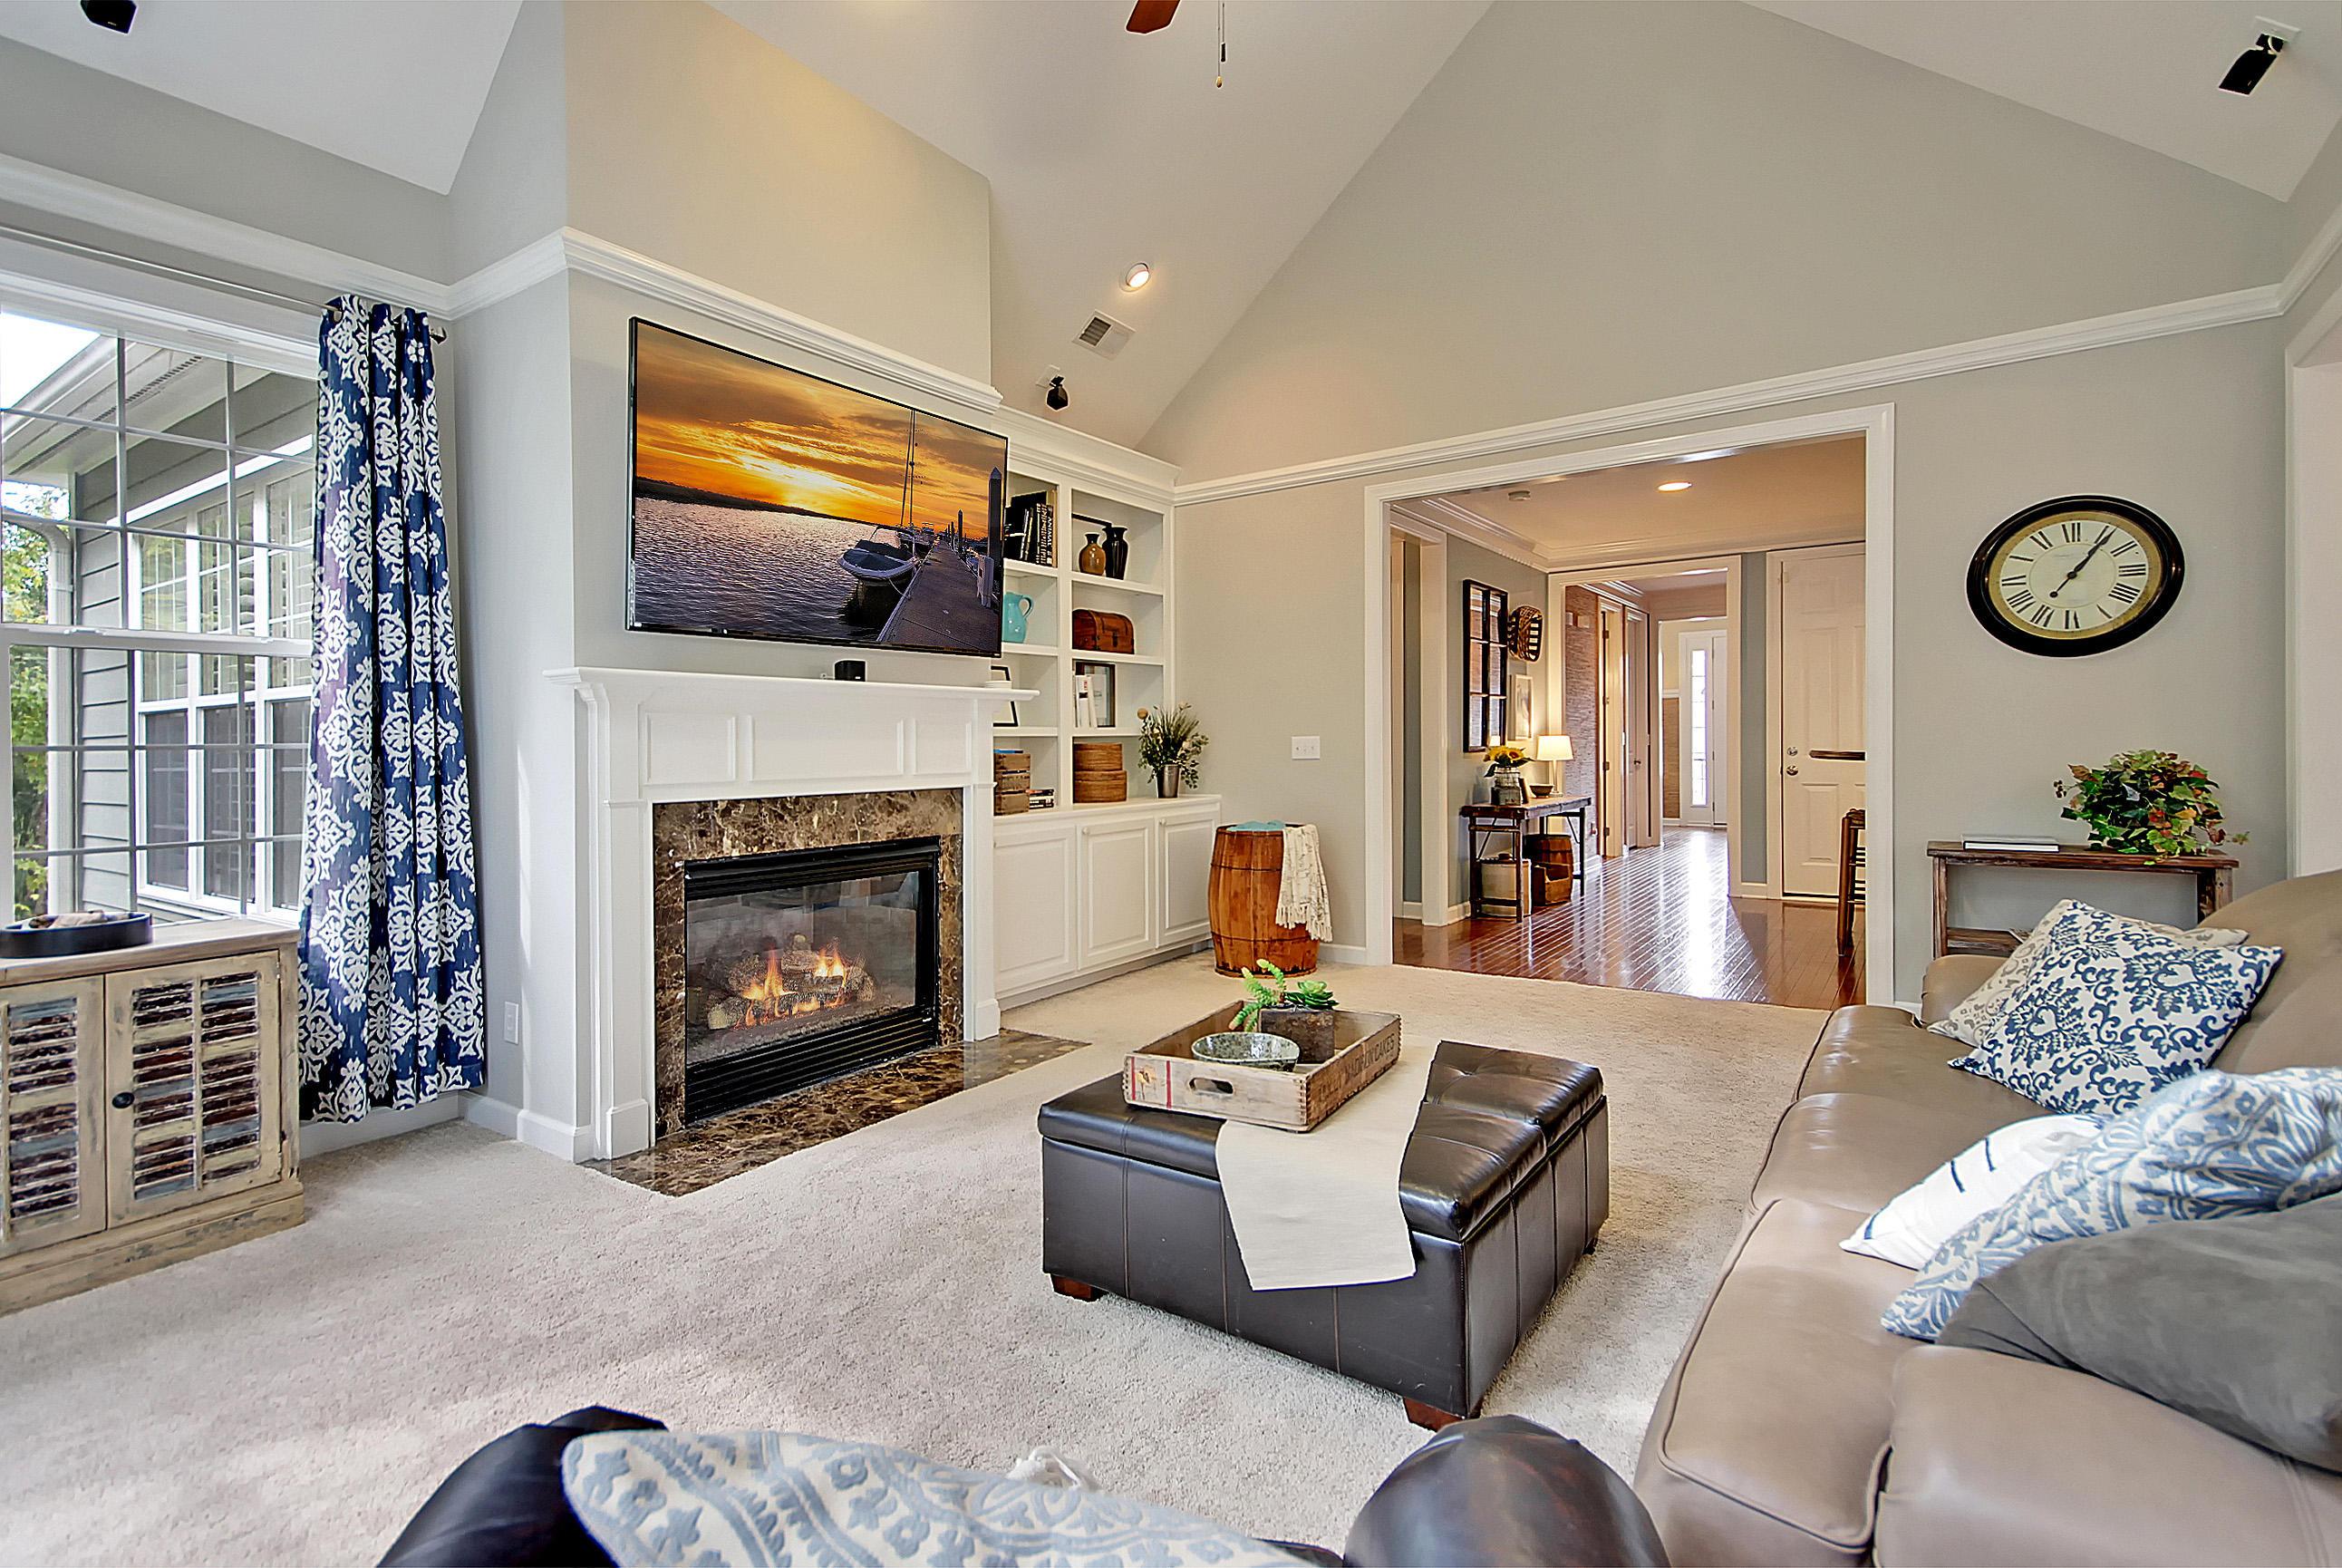 Dunes West Homes For Sale - 3056 Riverwood, Mount Pleasant, SC - 8